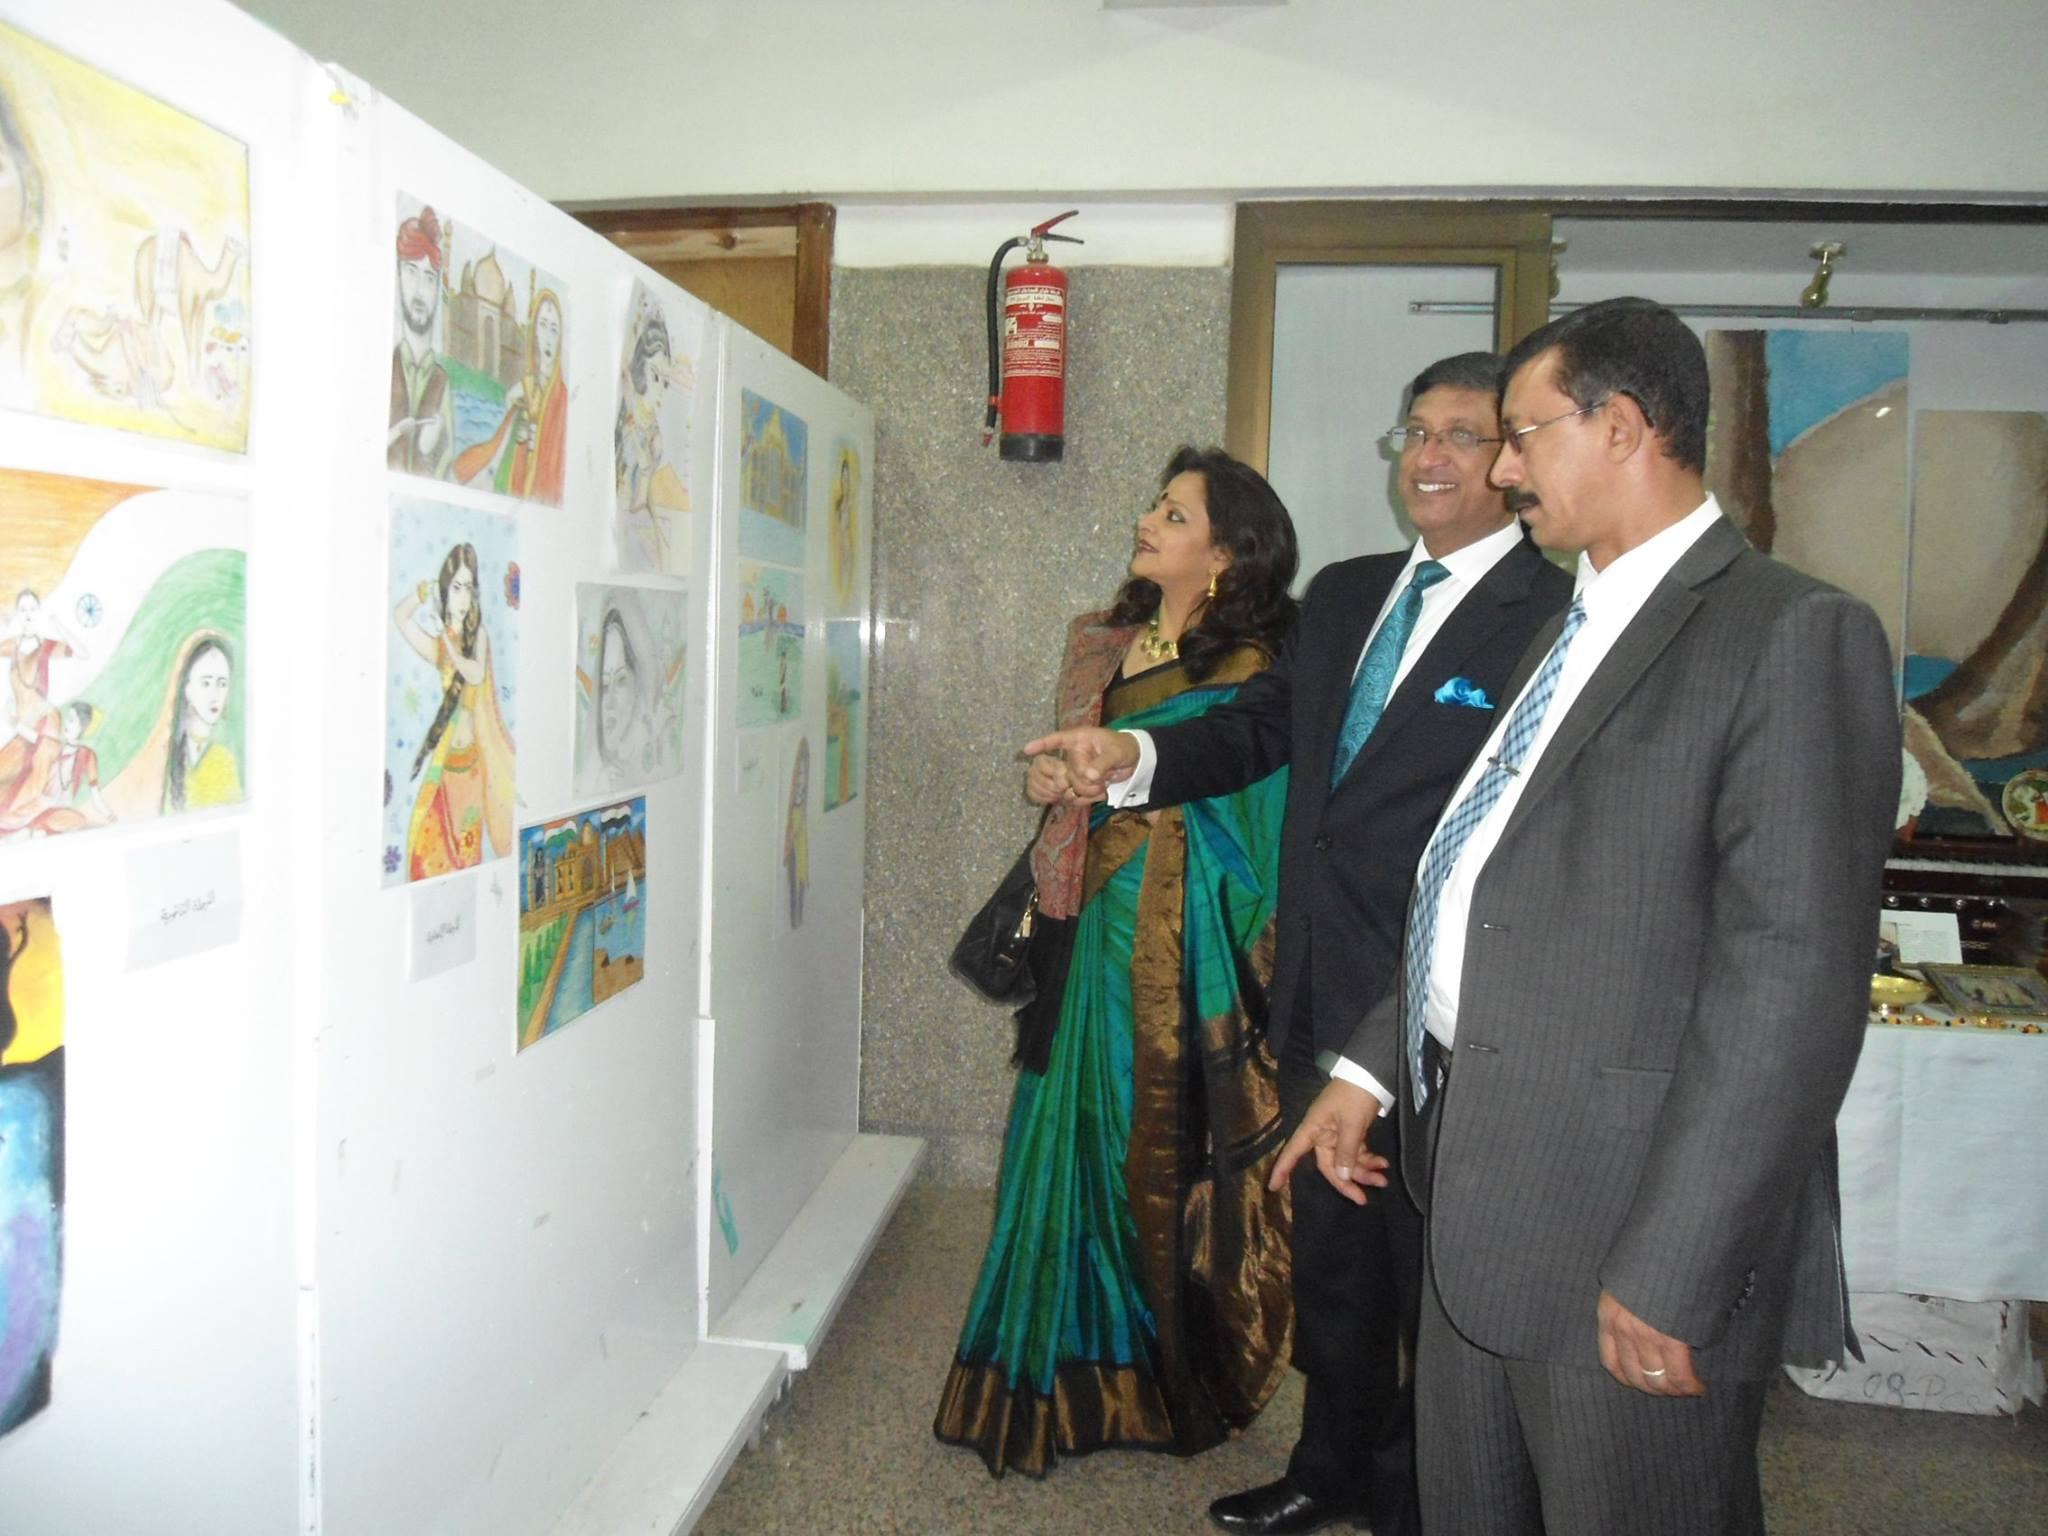 سفير الهند ضيف قصر ثقافة أسوان